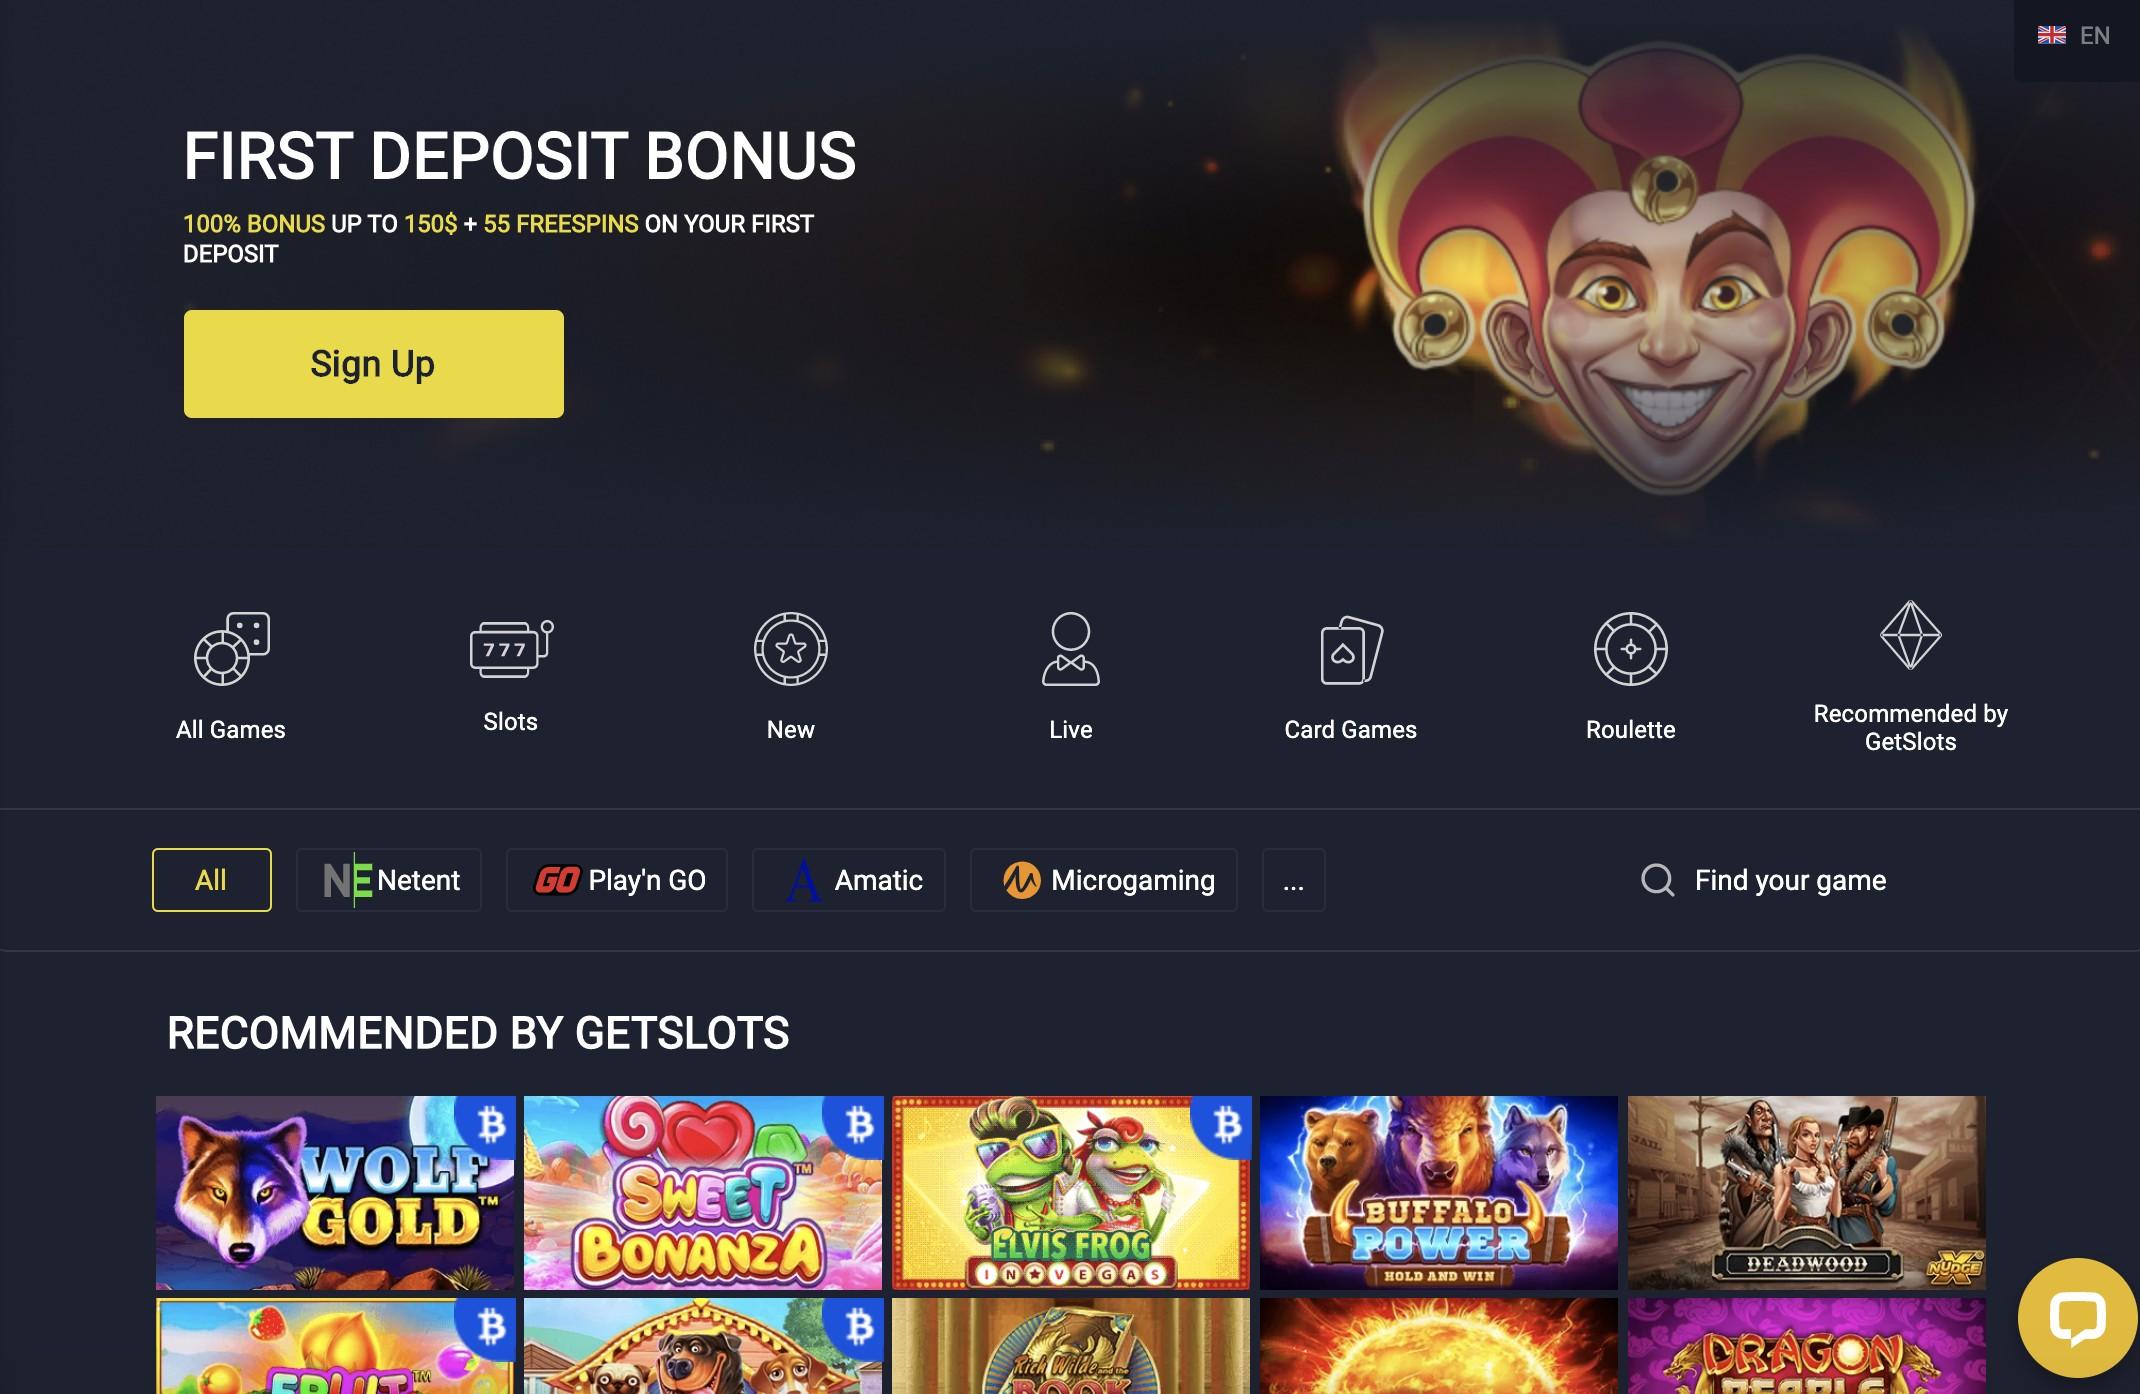 Promo Codes and Games at GetSlots